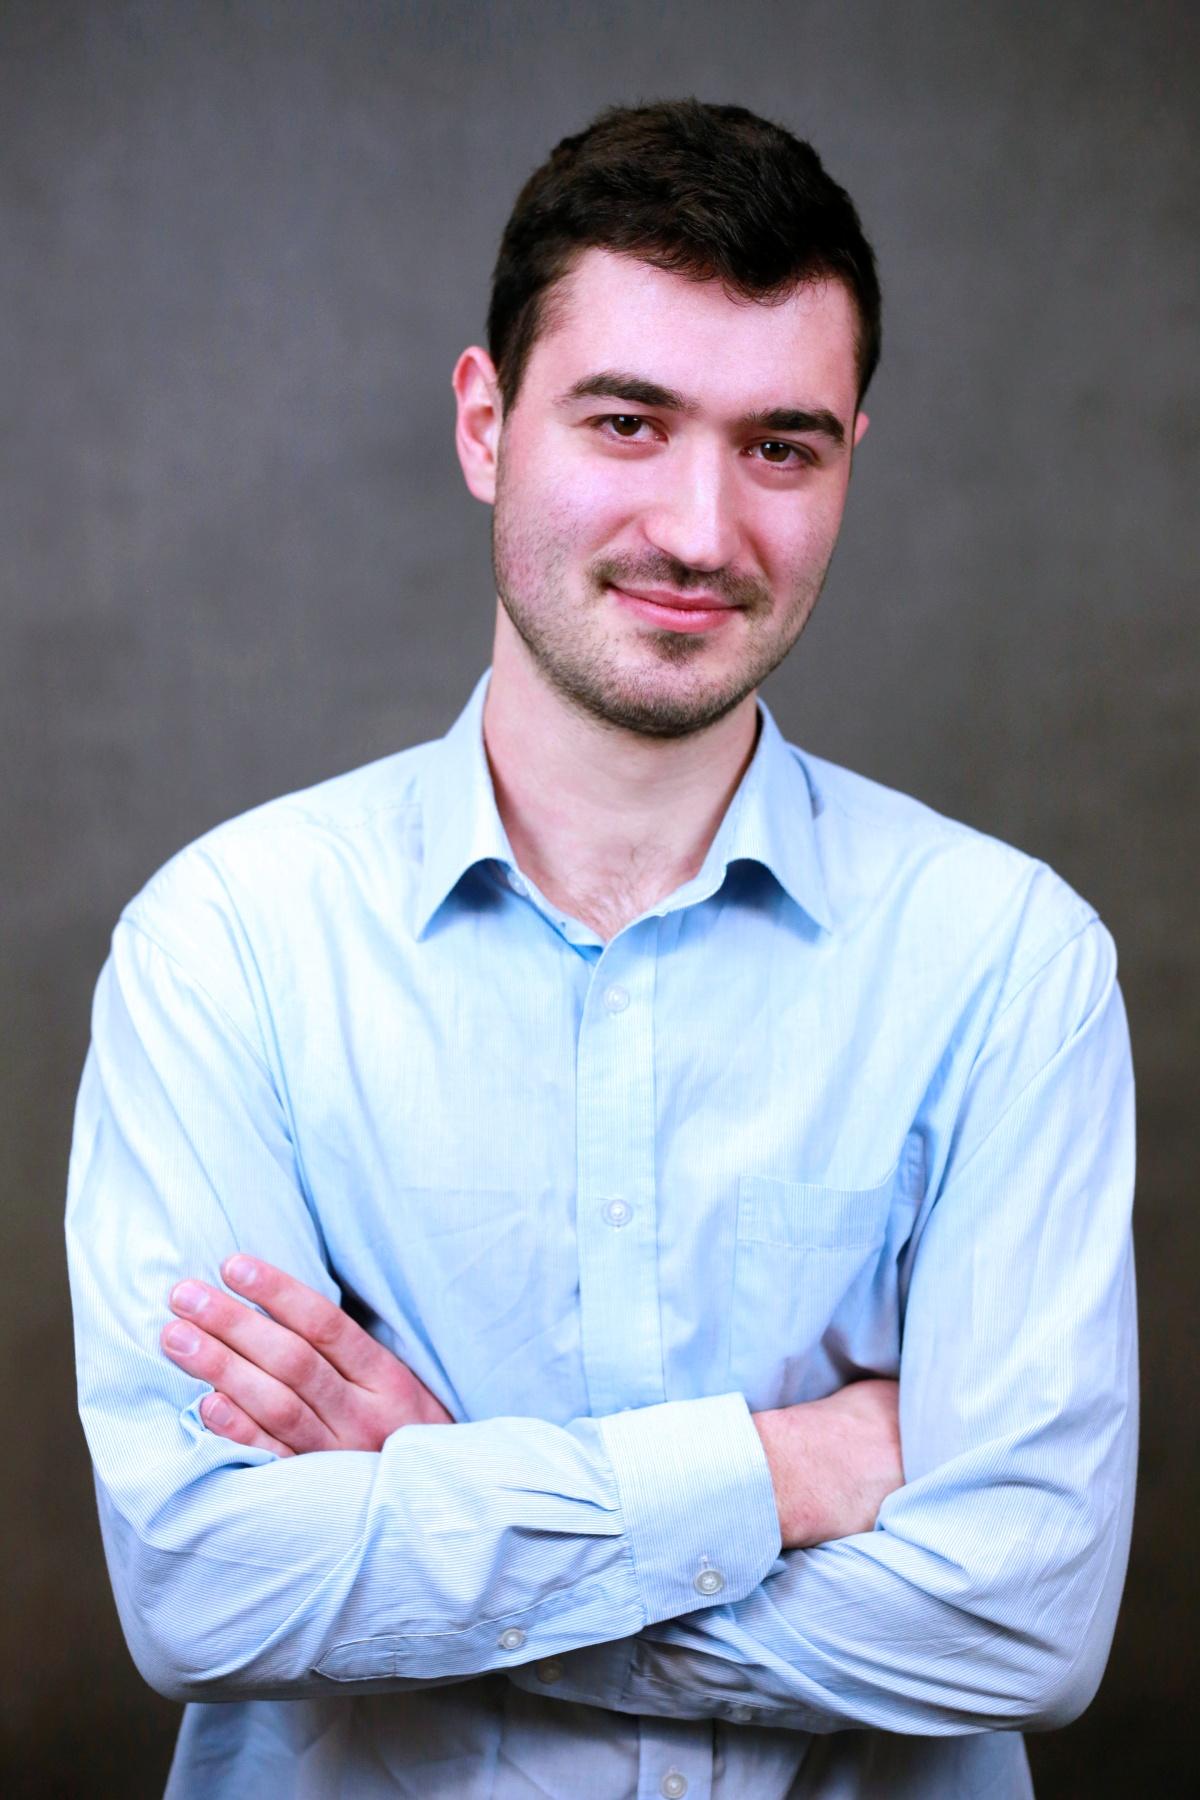 Šimon Dejmek